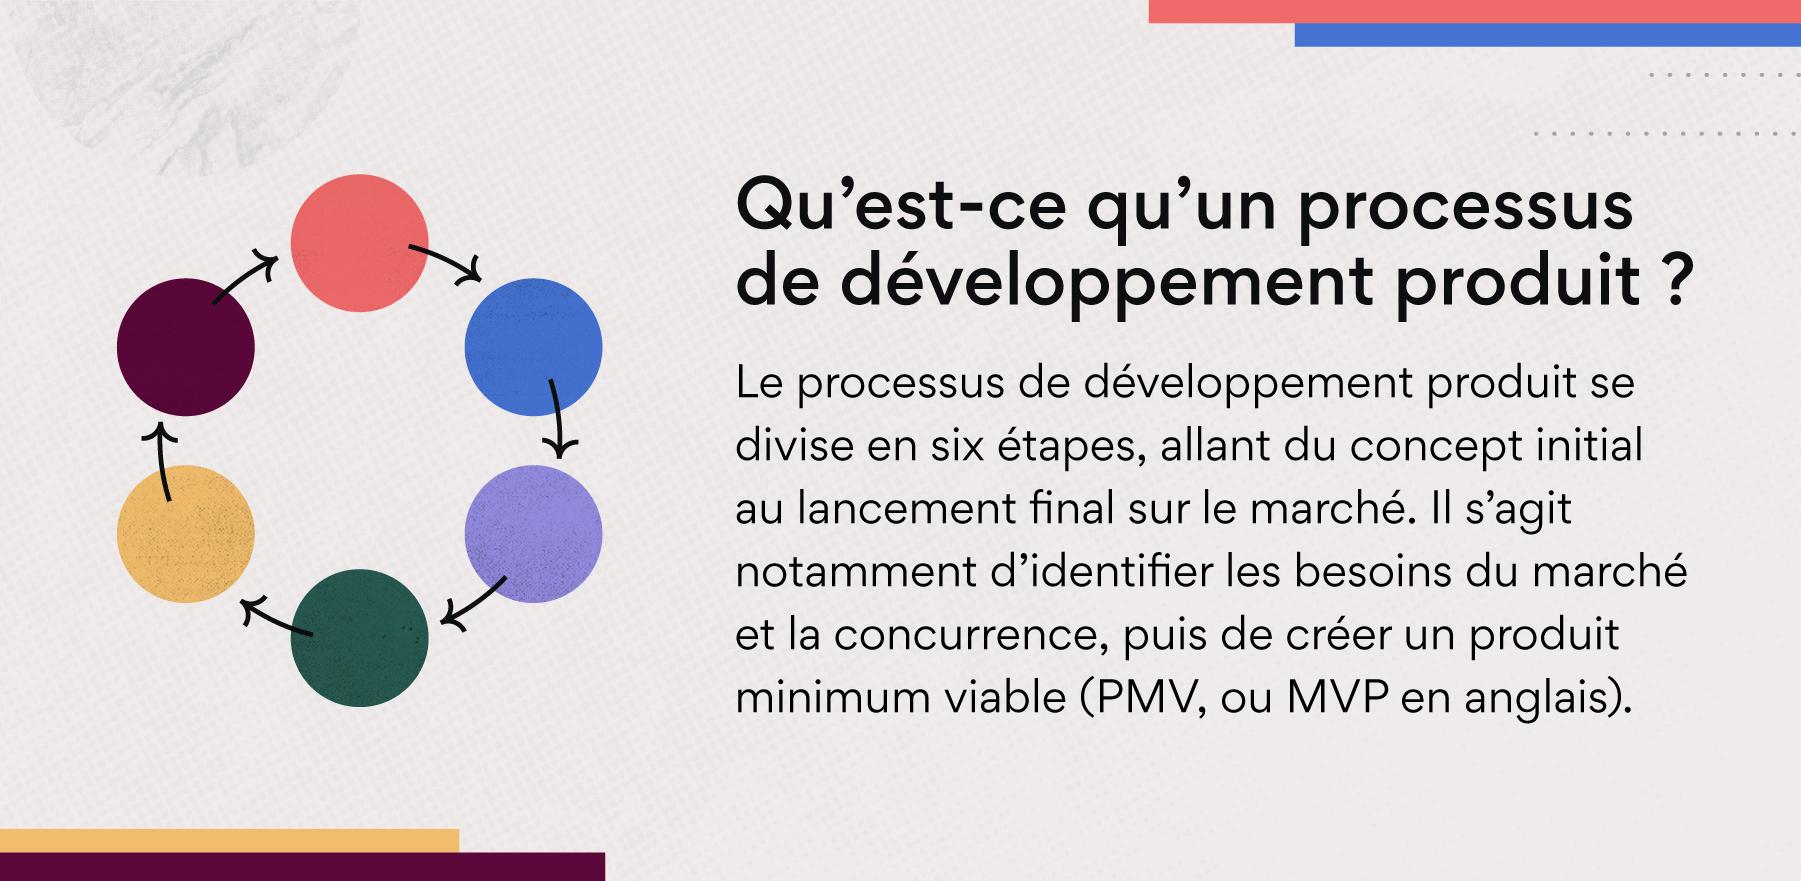 Qu'est-ce qu'un processus de développement produit?